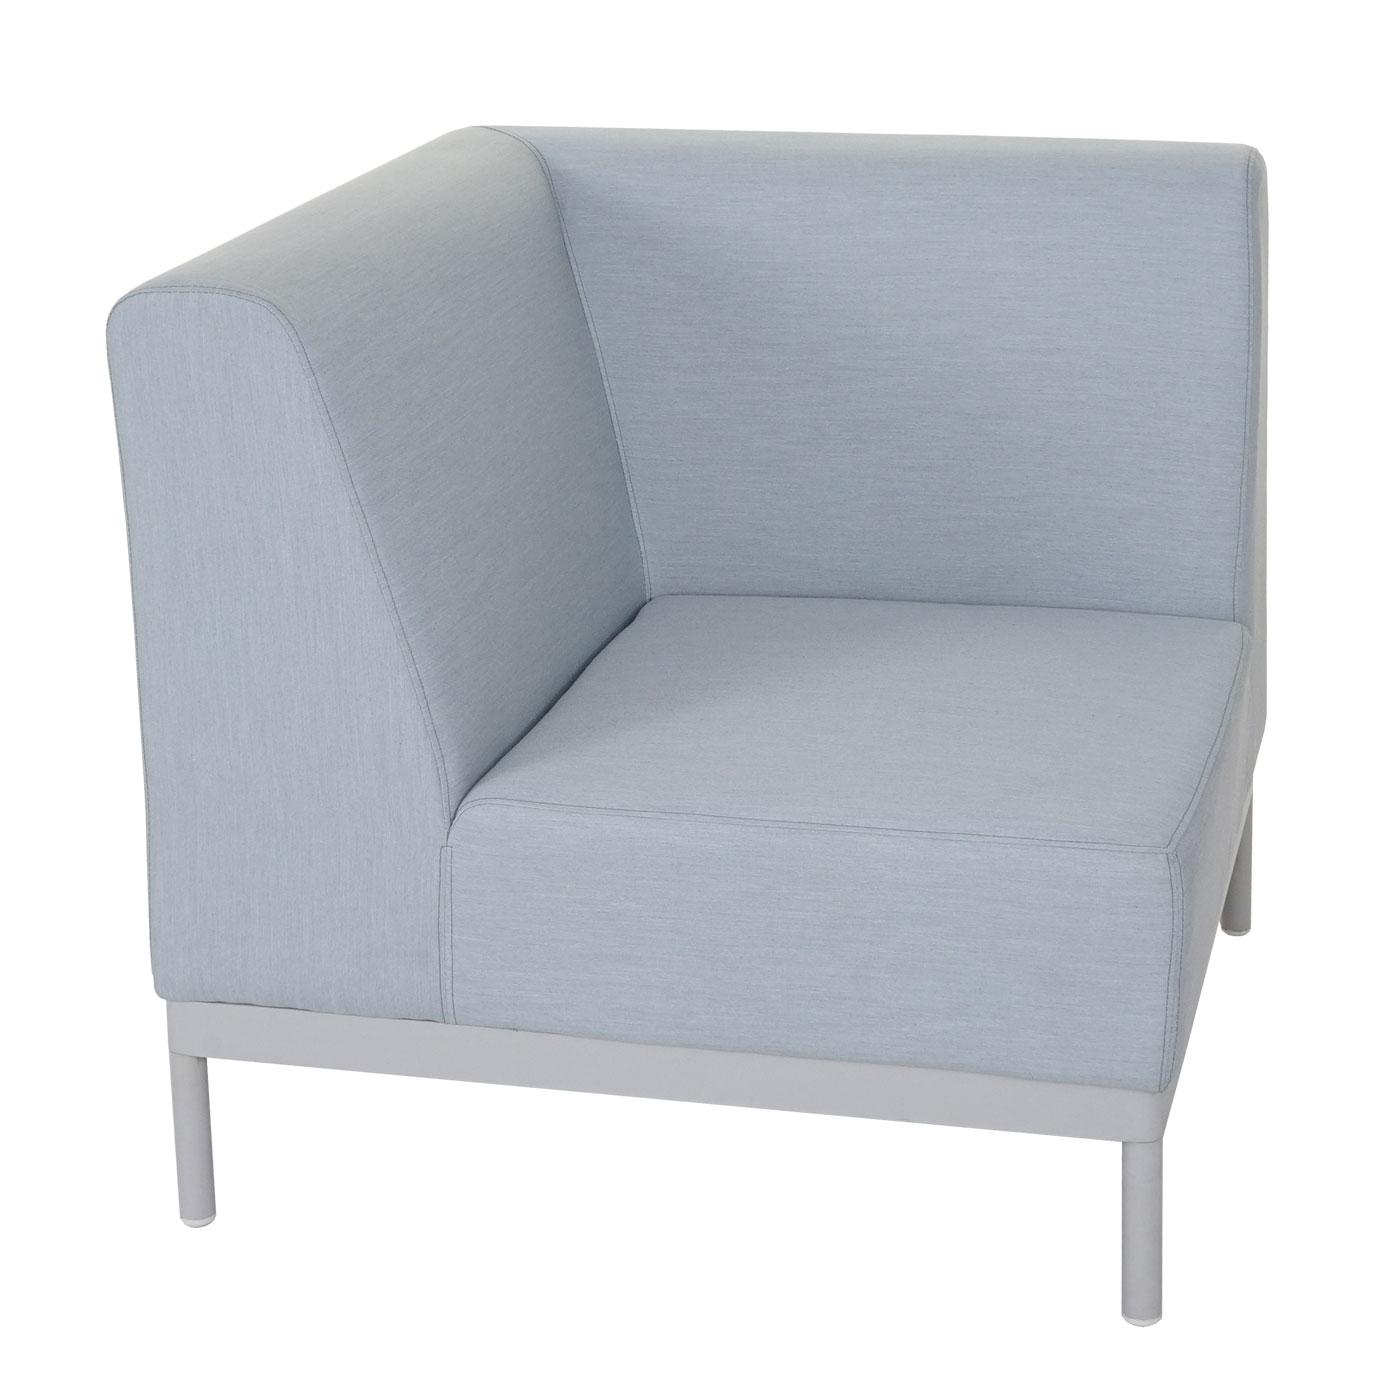 ecksofa hwc c47 sofa loungesofa couch textil indoor wasserabweisend blau mit ablage. Black Bedroom Furniture Sets. Home Design Ideas